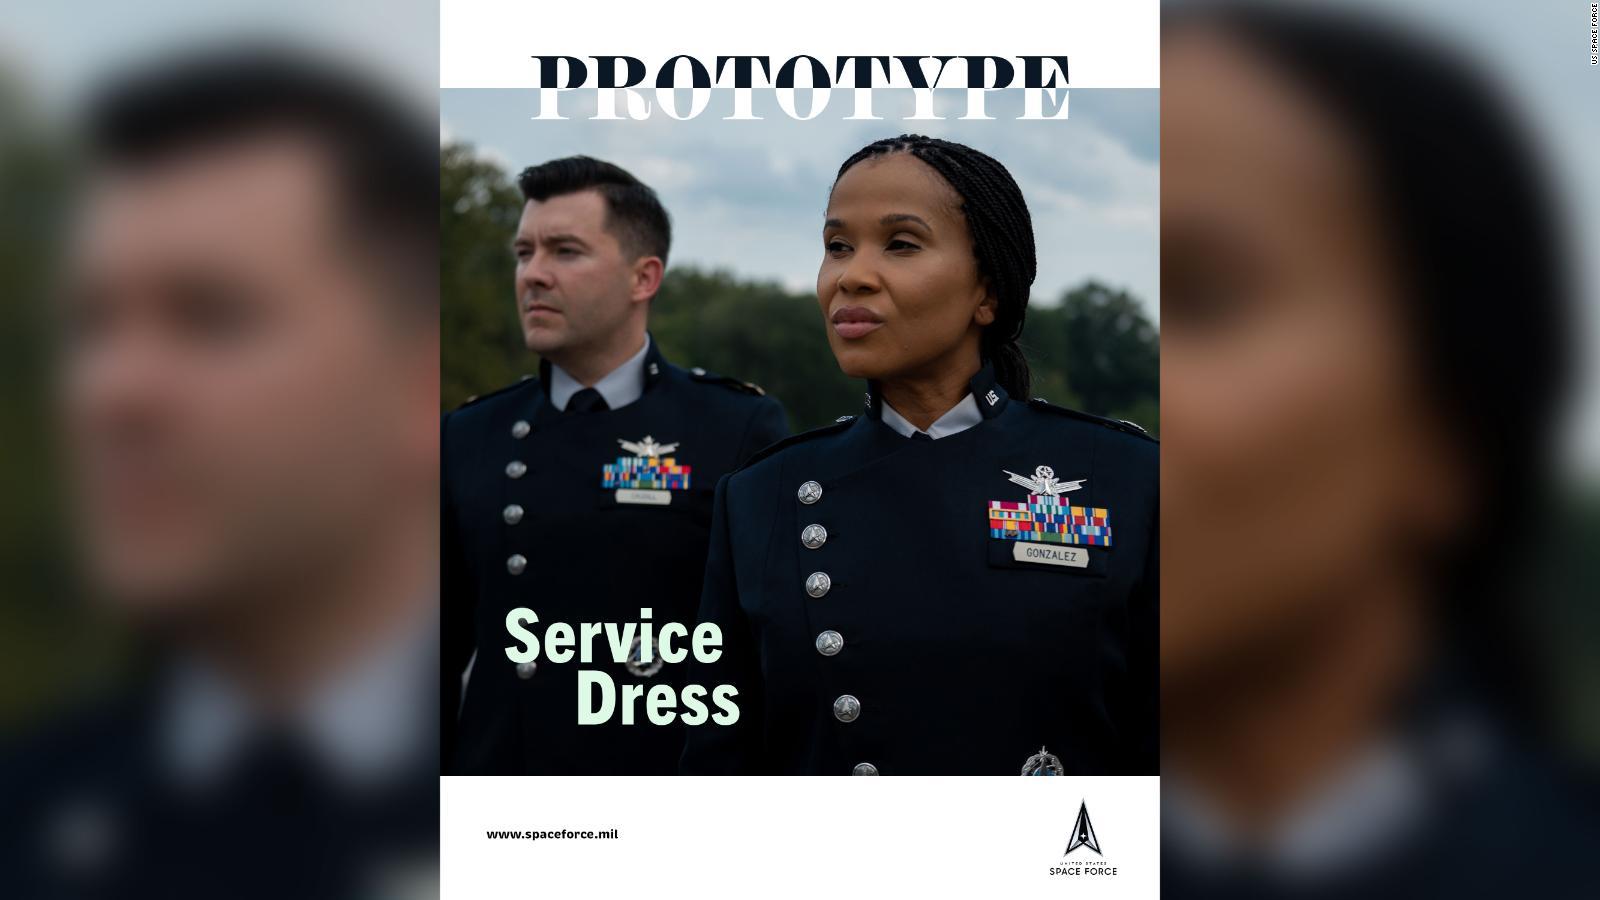 Fuerza Espacial de EE.UU. presenta su nuevo prototipo de uniformes de gala y entrenamiento físico